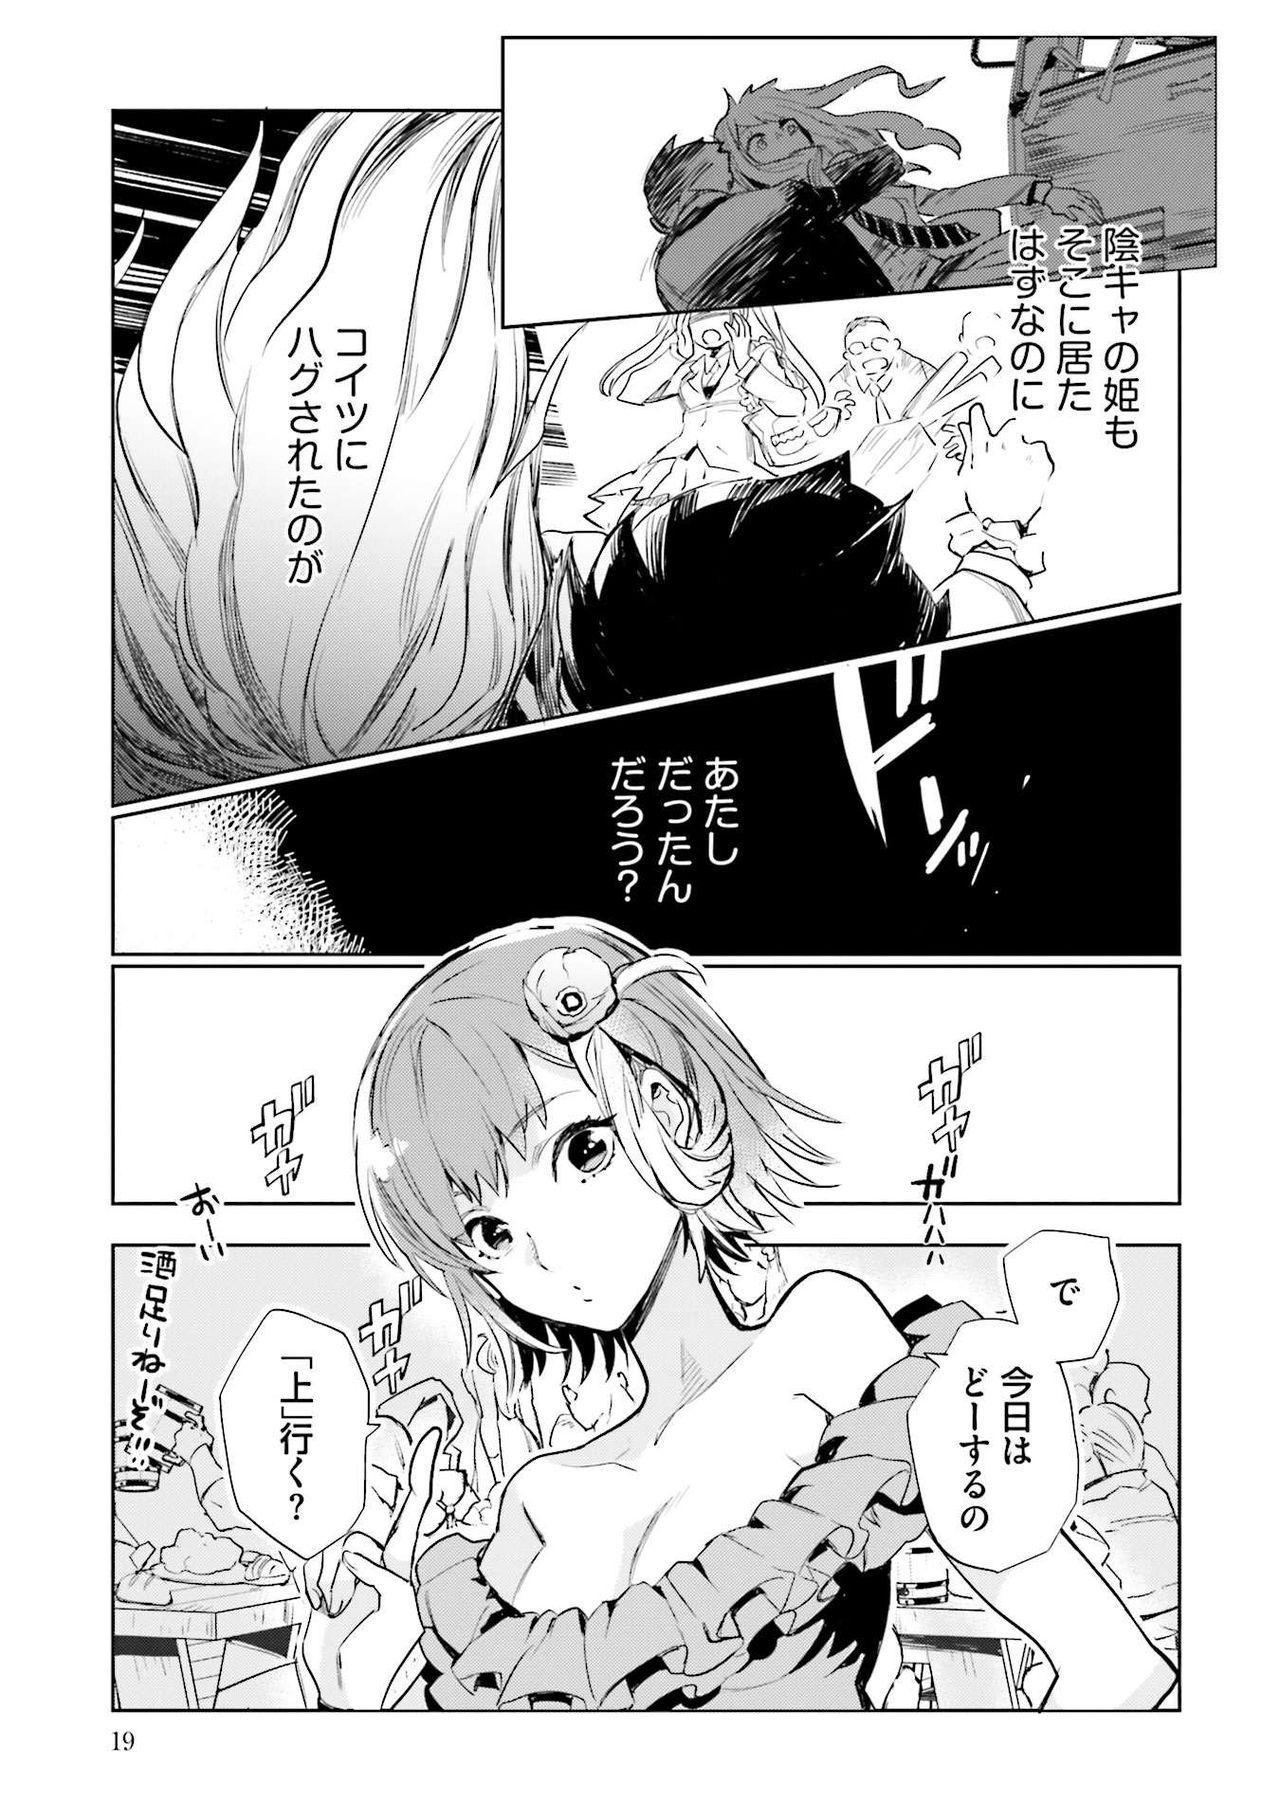 JK Haru wa Isekai de Shoufu ni Natta 1-14 20